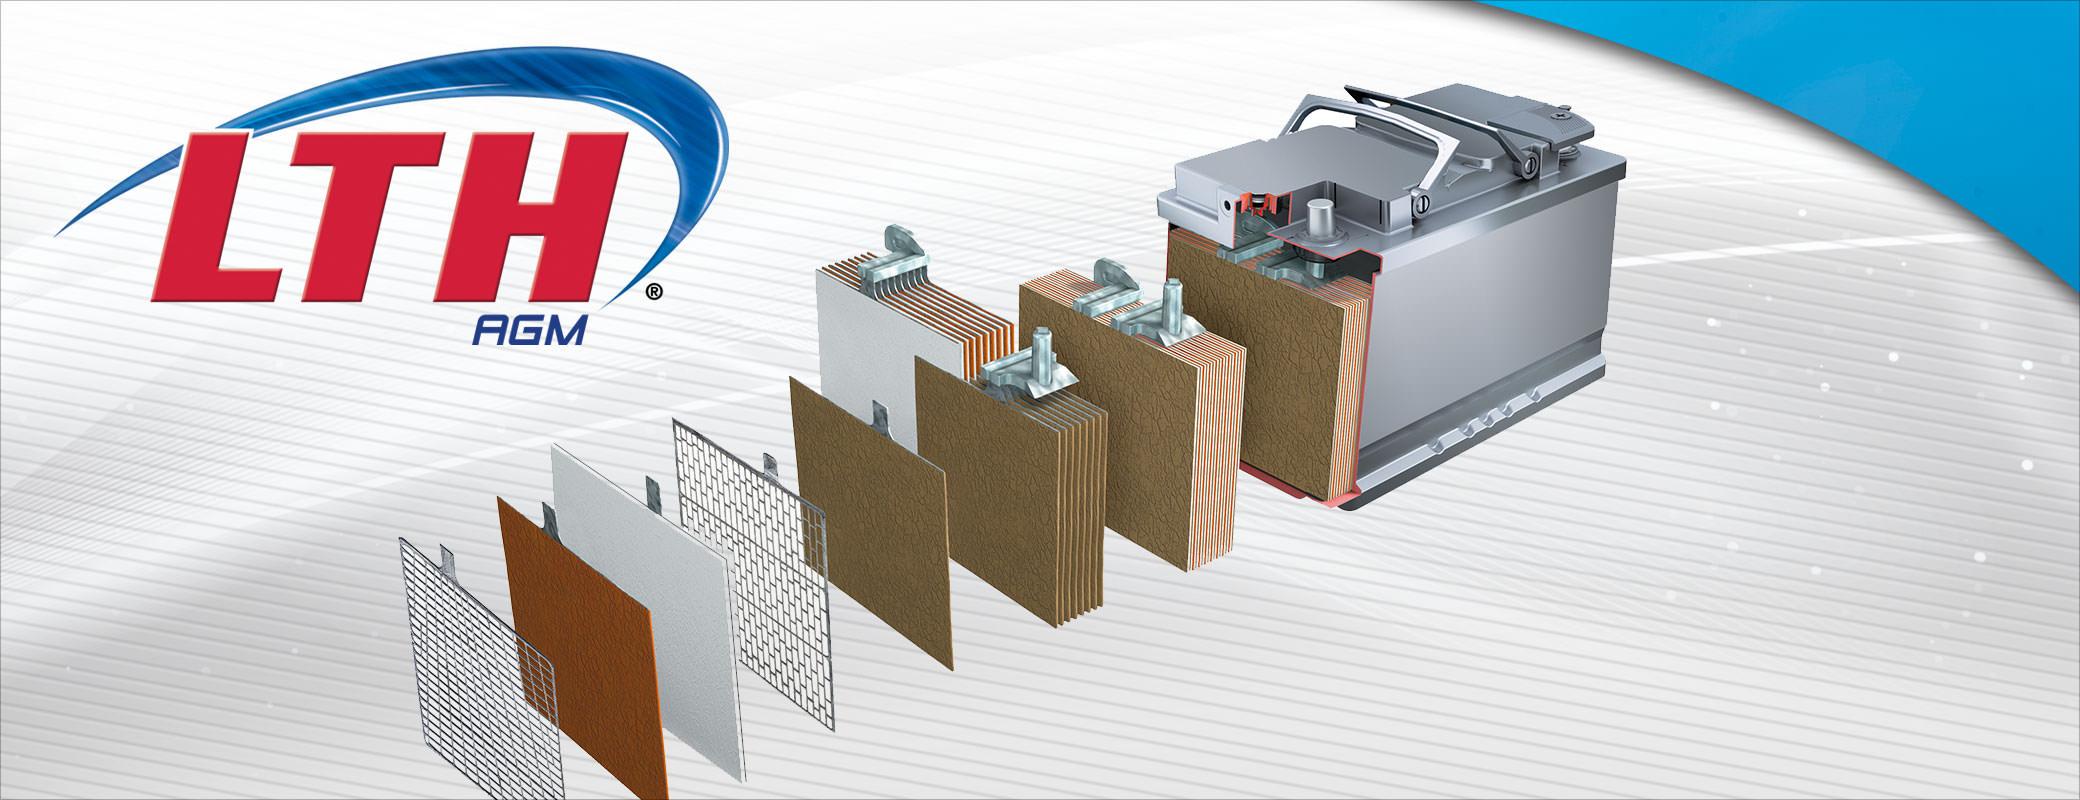 LTH AGM es una tecnología, uso de separadores de fibra de vidrio absorbente, los cuales contribuyen a mantener el ácido inmovilizado, evitando derrames